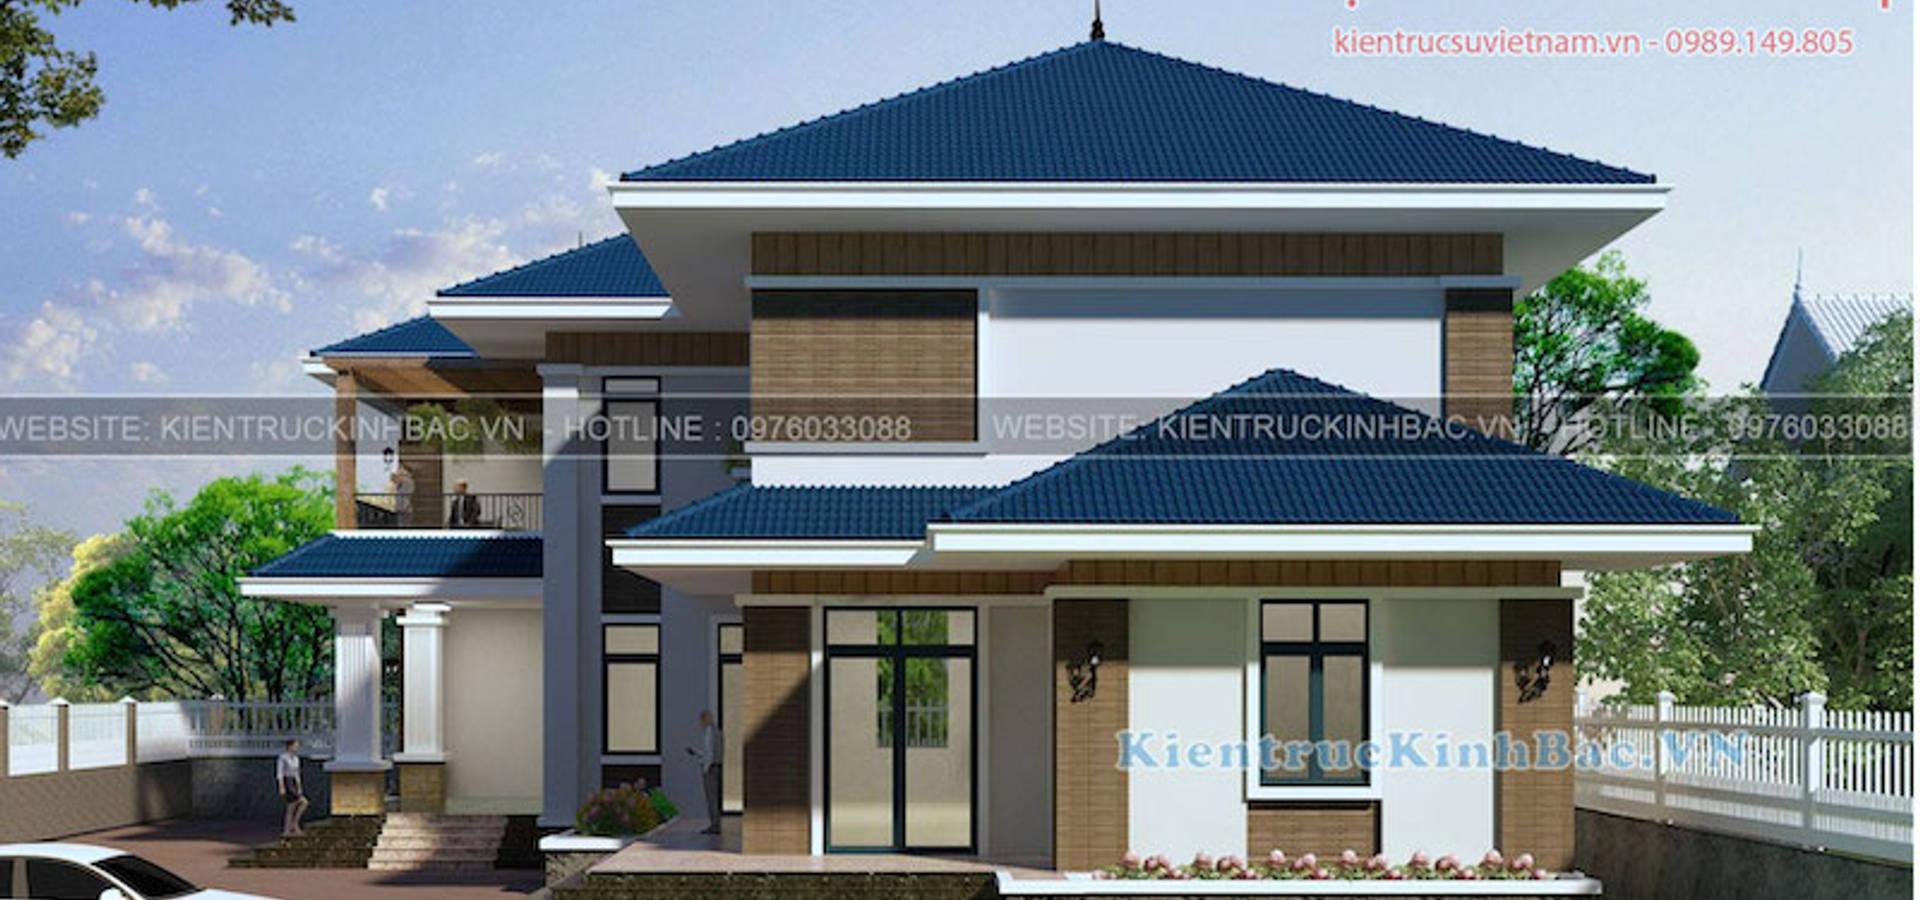 Xây nhà trọn gói Hà Nội